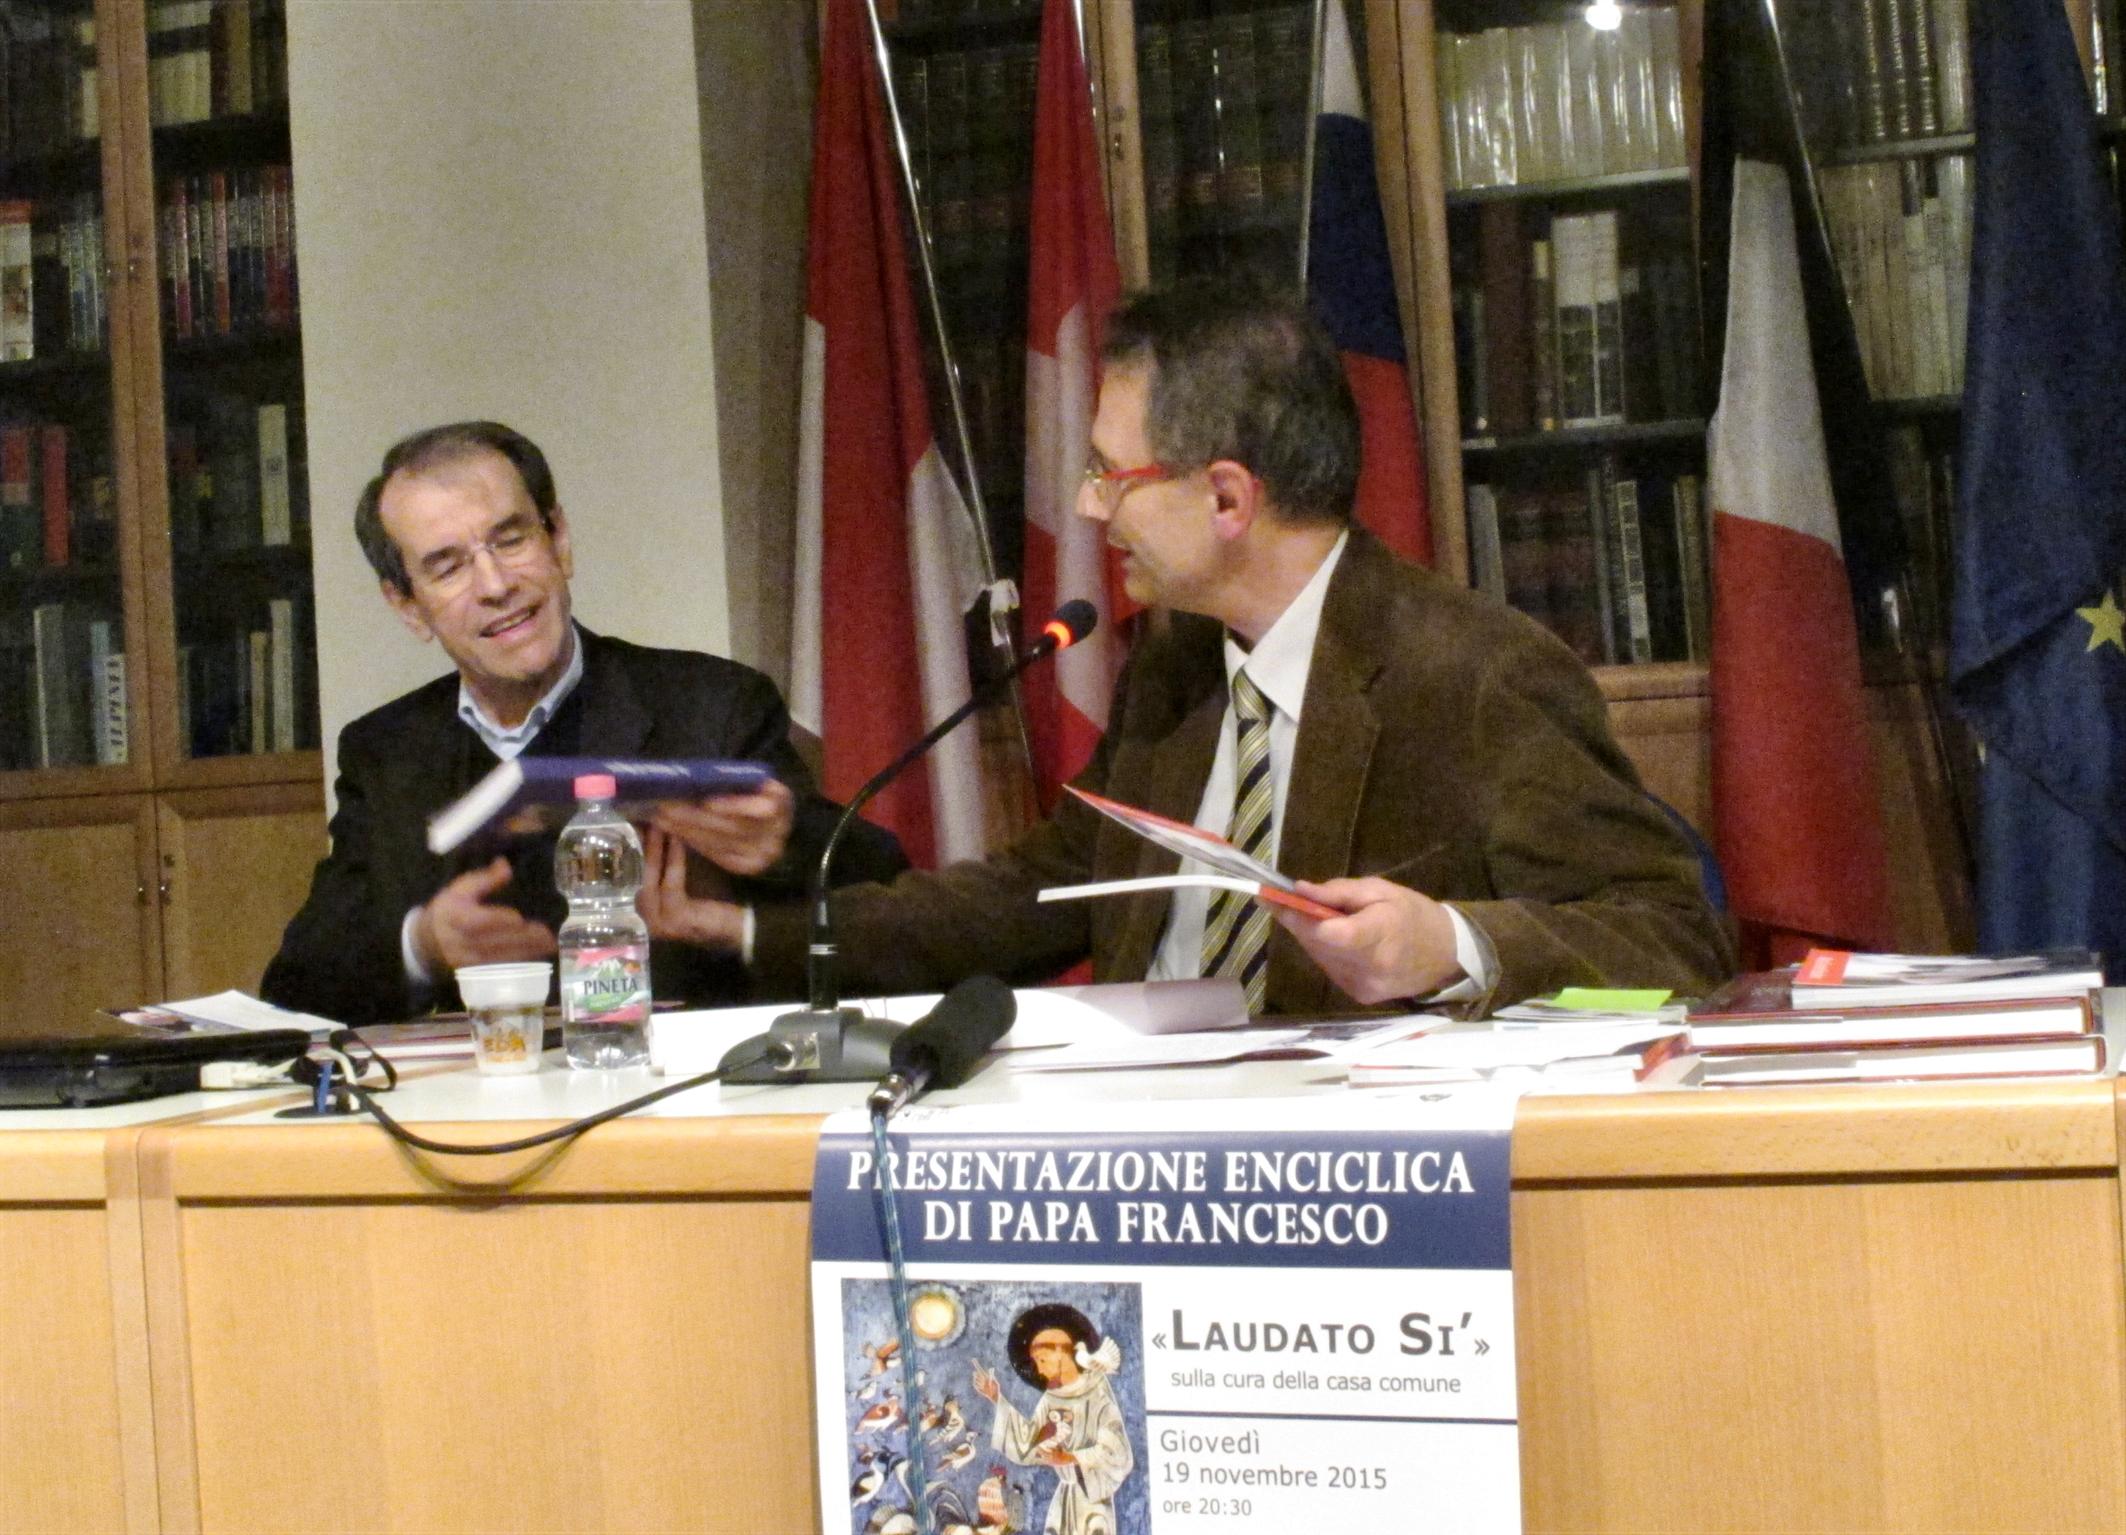 12_conferenza Laudato Sì _Breno 19 novembre 2015